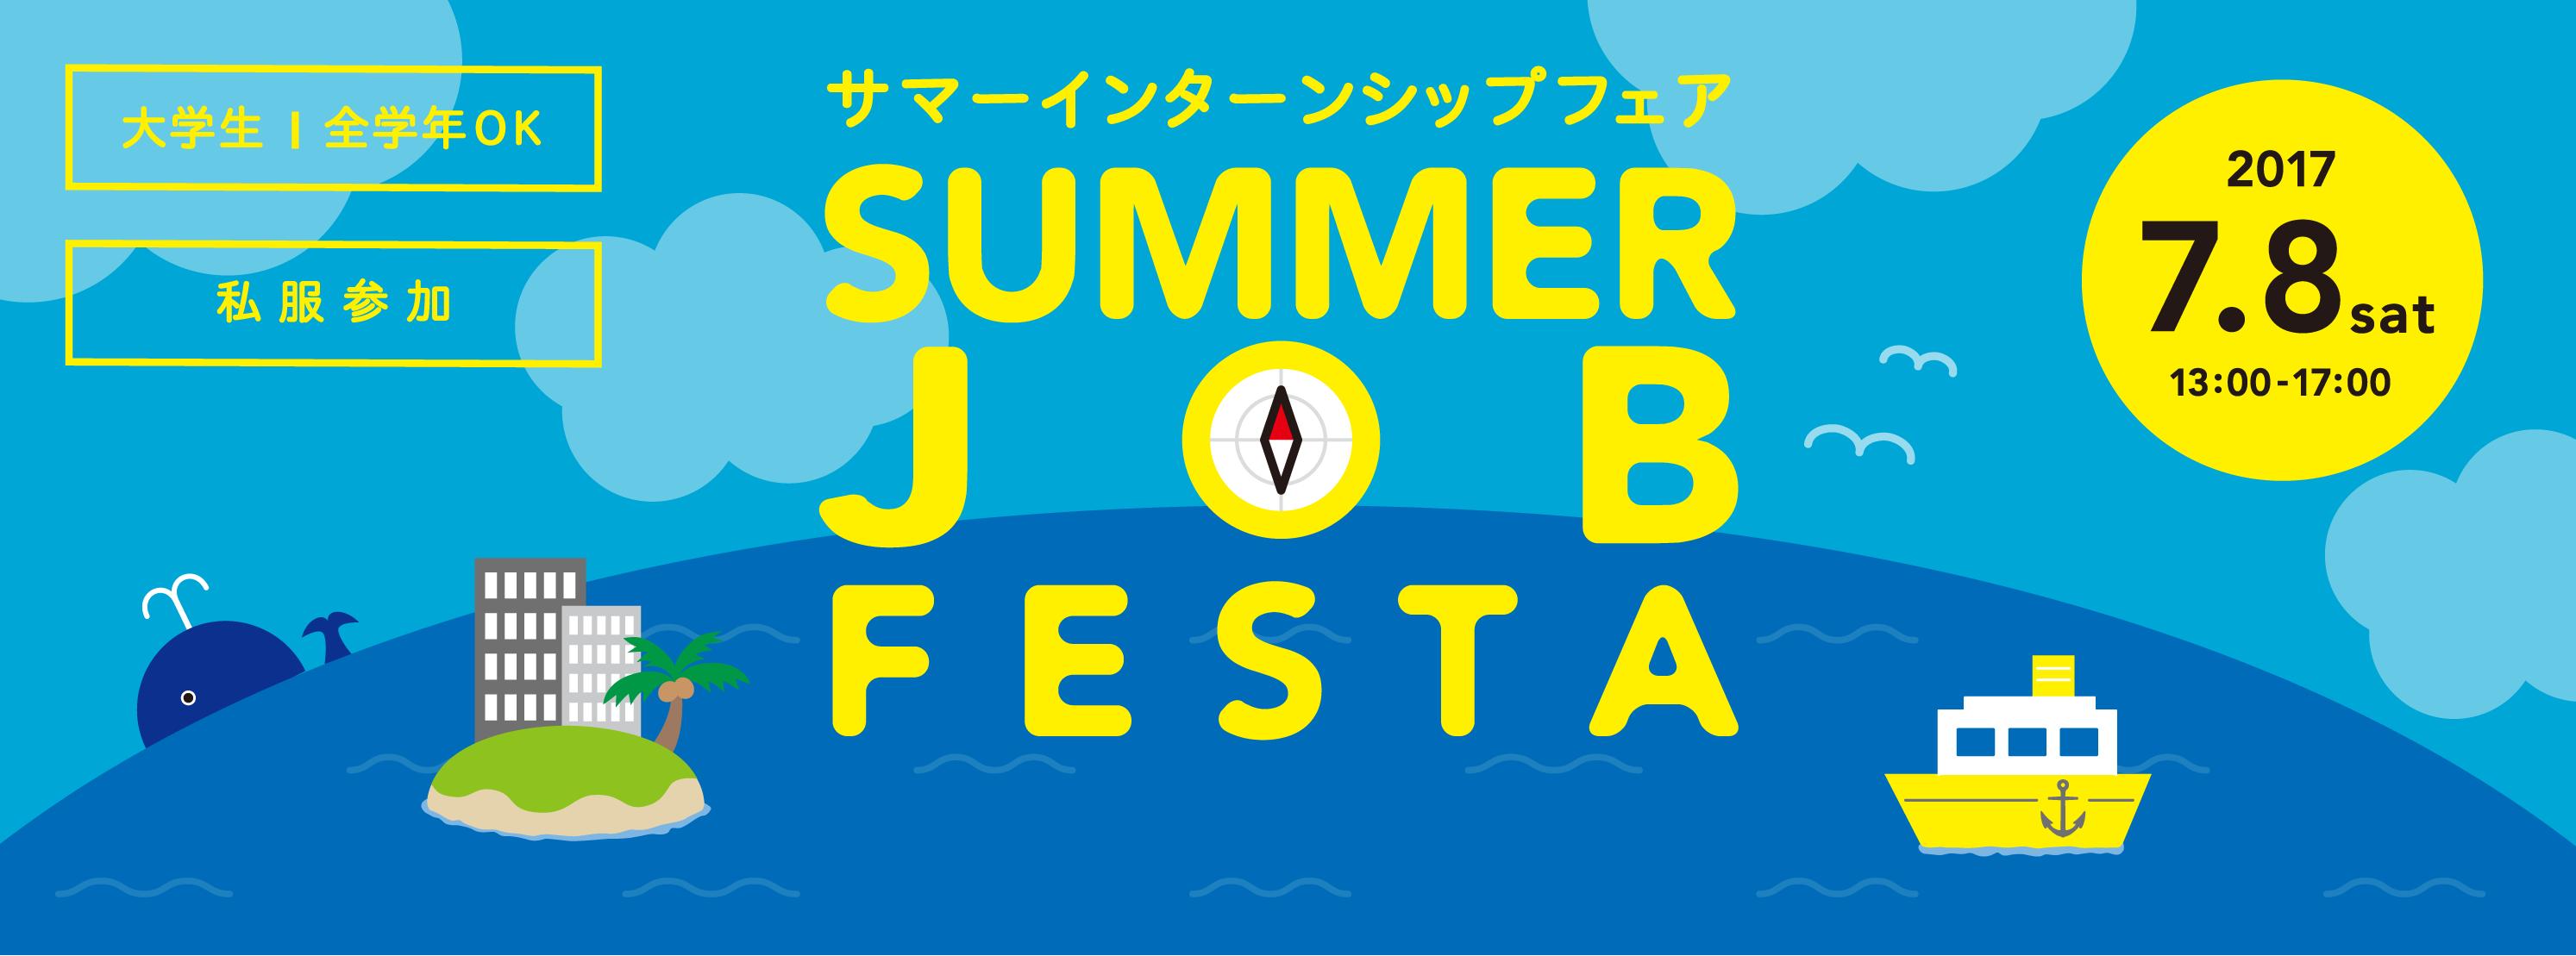 春SJF_FBバナー-01